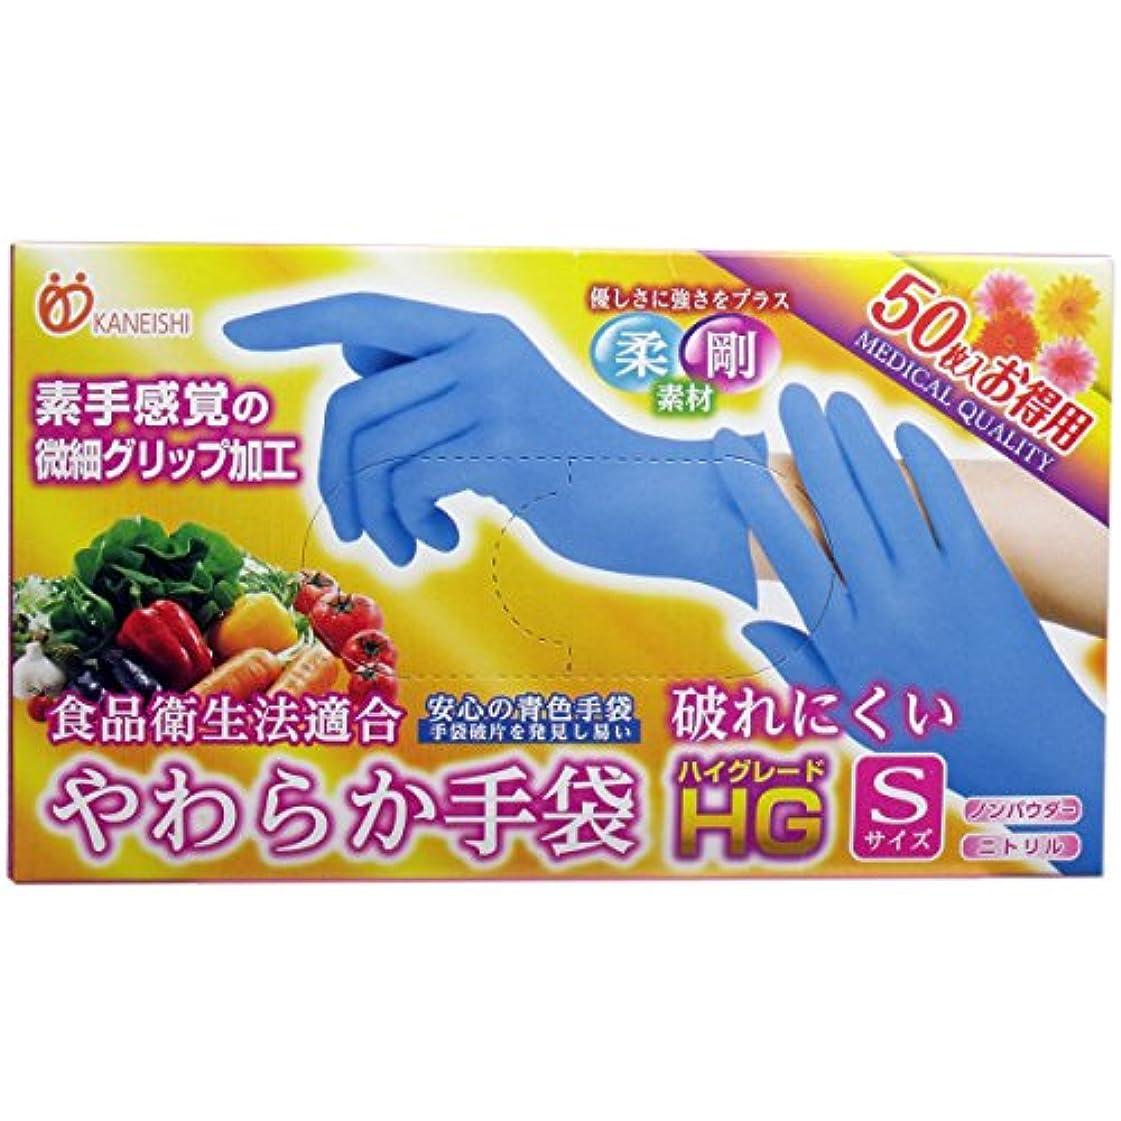 アニメーション財産天のやわらか手袋 HG(ハイグレード) スーパーブルー Sサイズ 50枚入